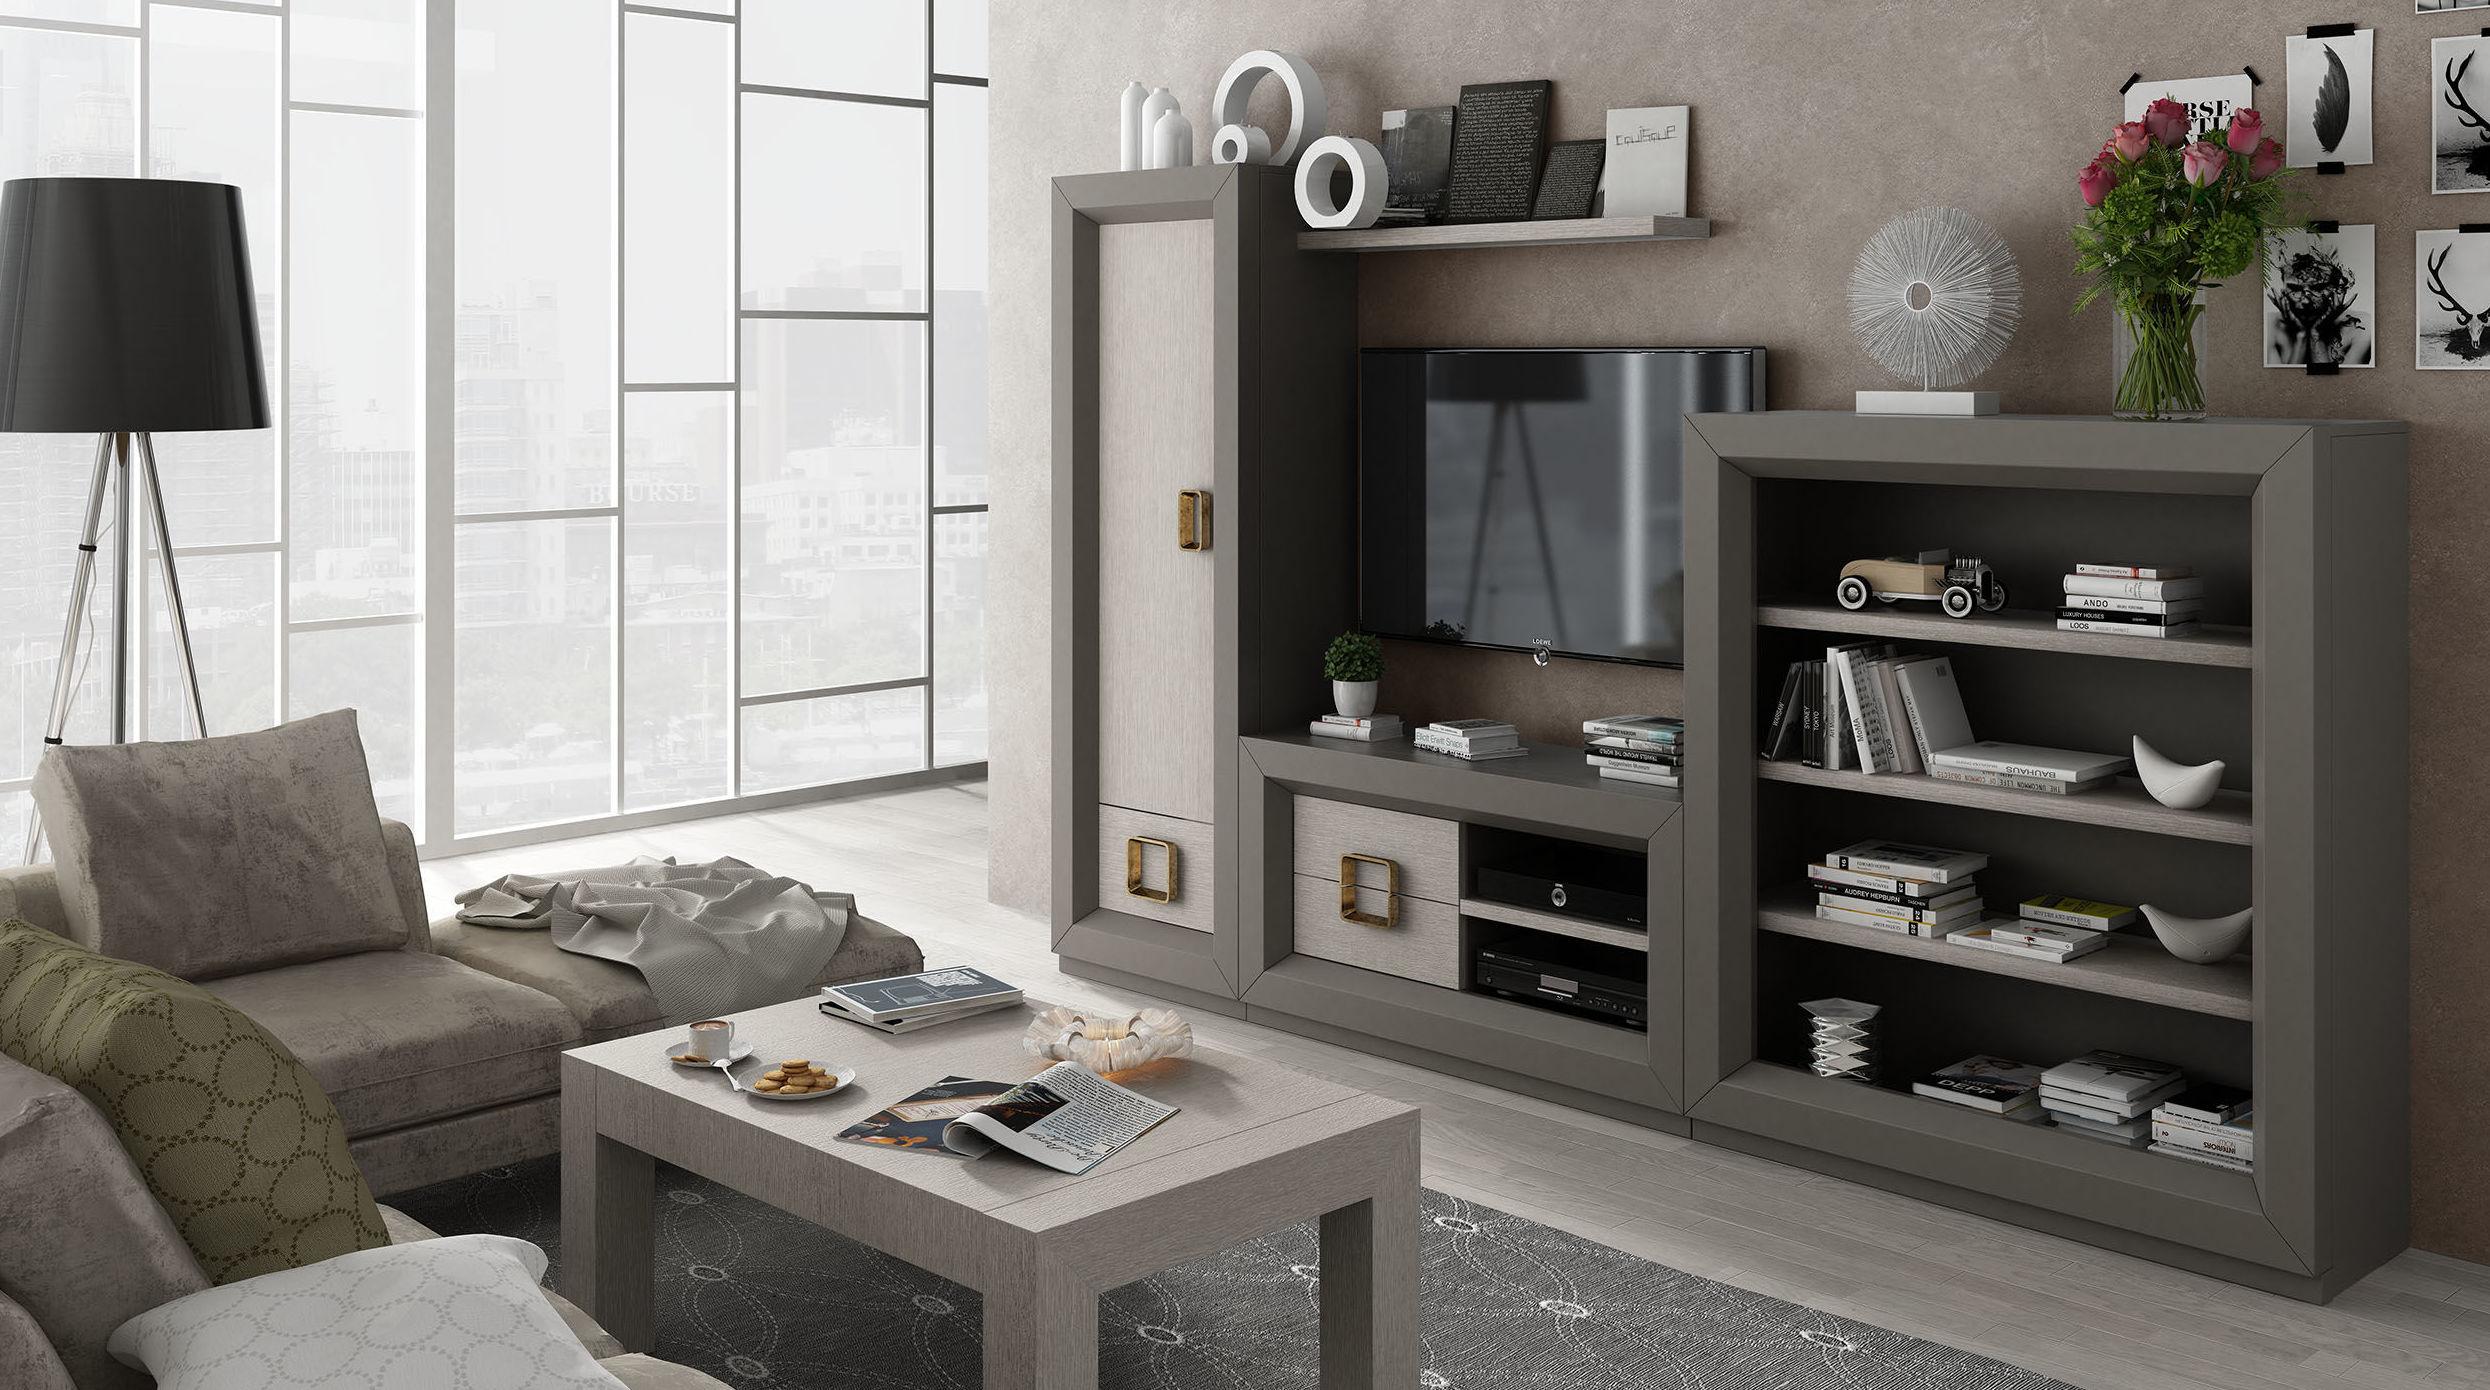 Franco furniture colecci n enzo cat logo de muebles y - Muebles y complementos ...